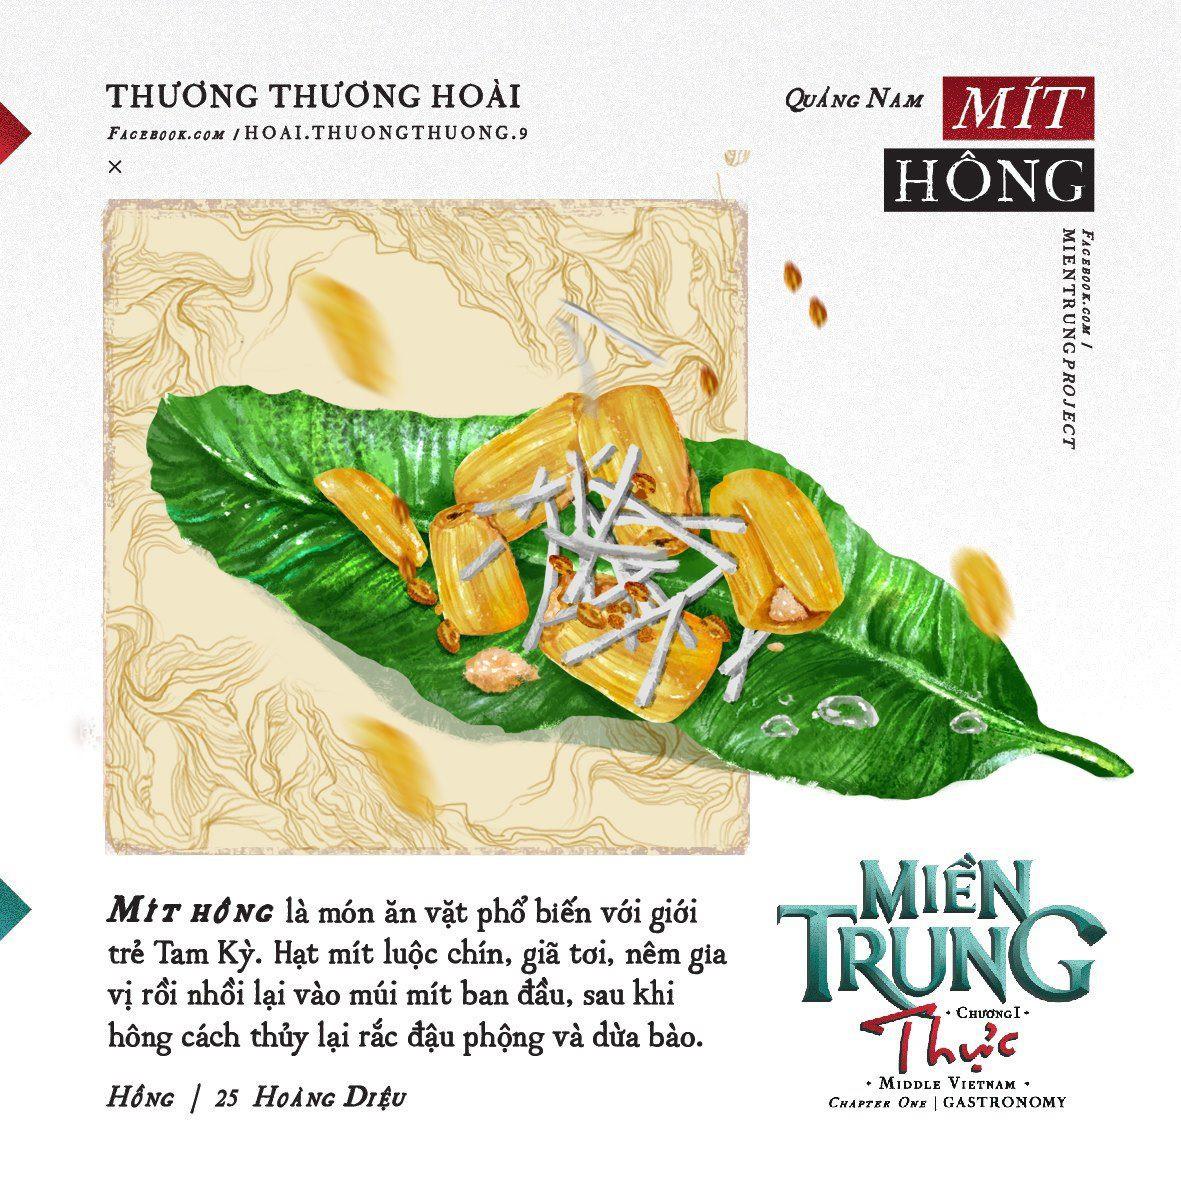 Ấn tượng với những món ăn của khúc ruột miền Trung Quảng Nam qua bộ tranh dễ thương - Ảnh 2.